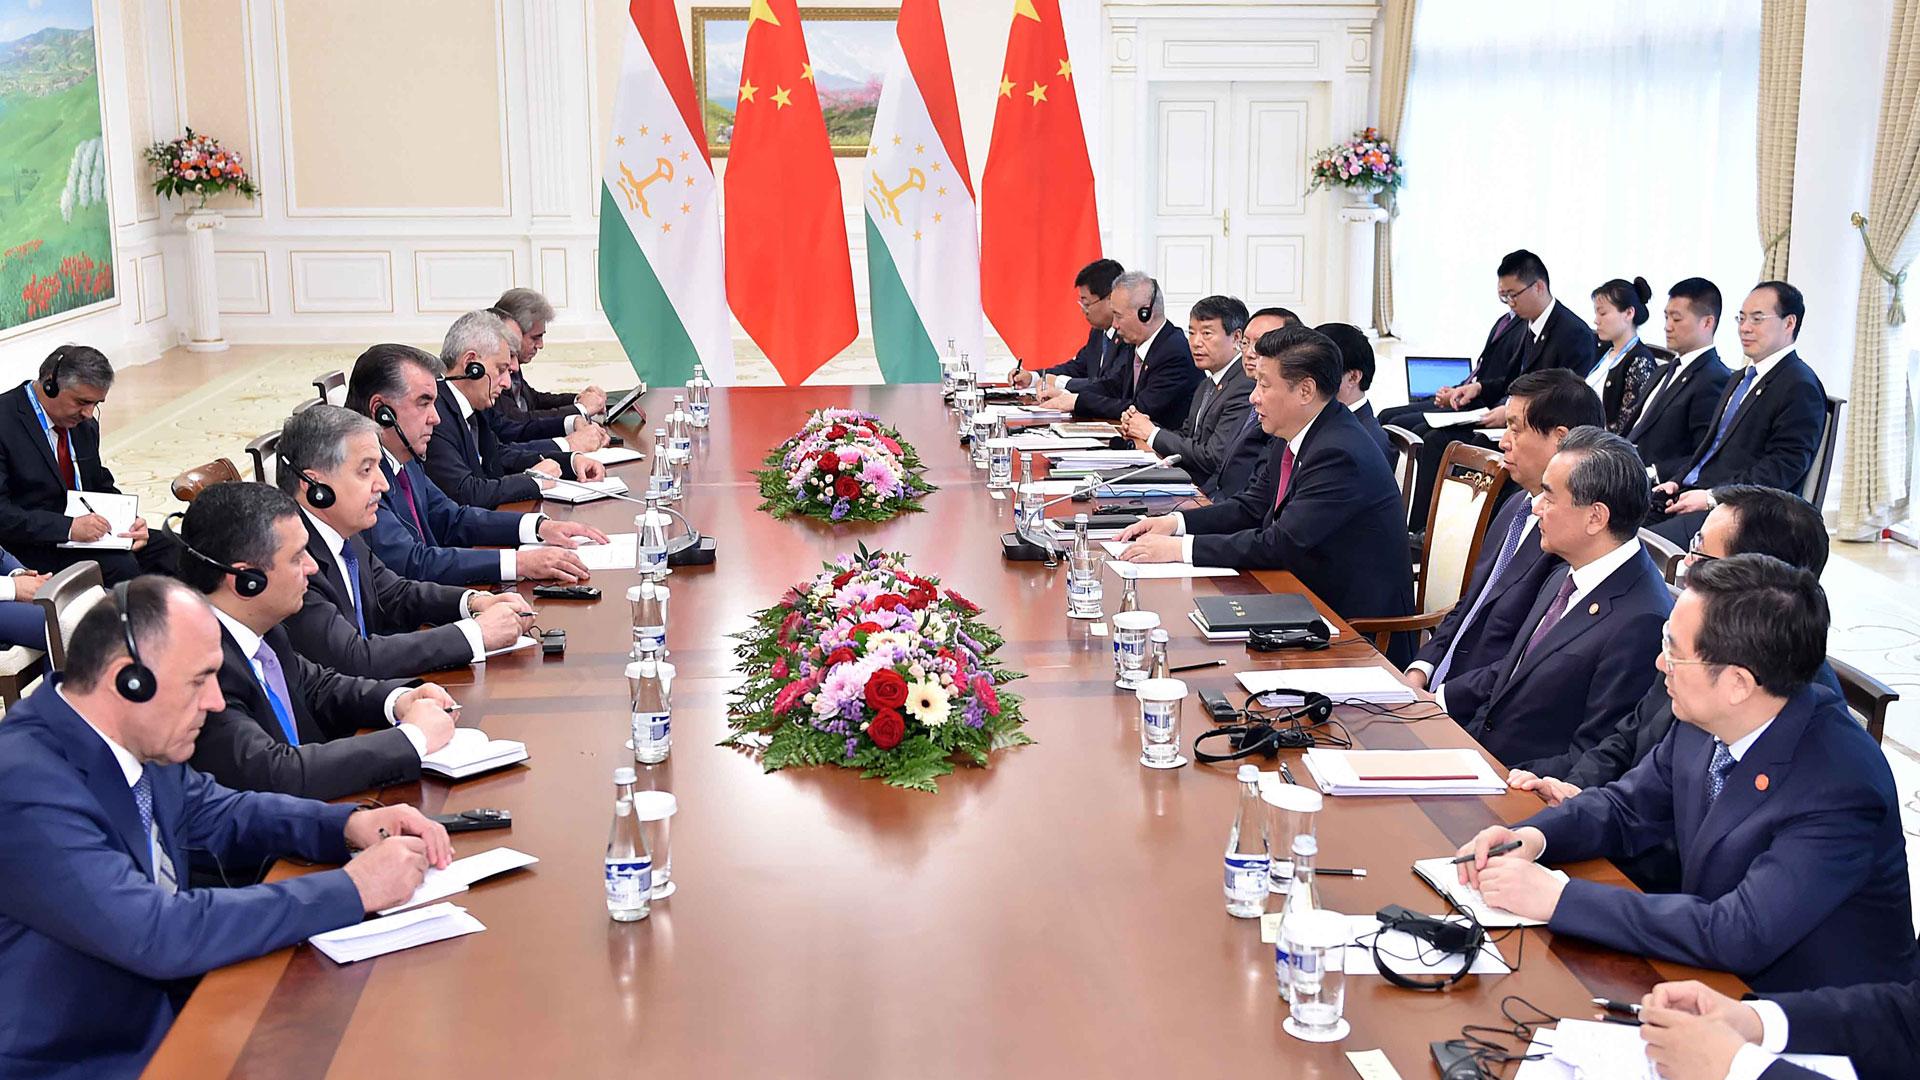 習近平會見塔吉克斯坦總統拉赫蒙